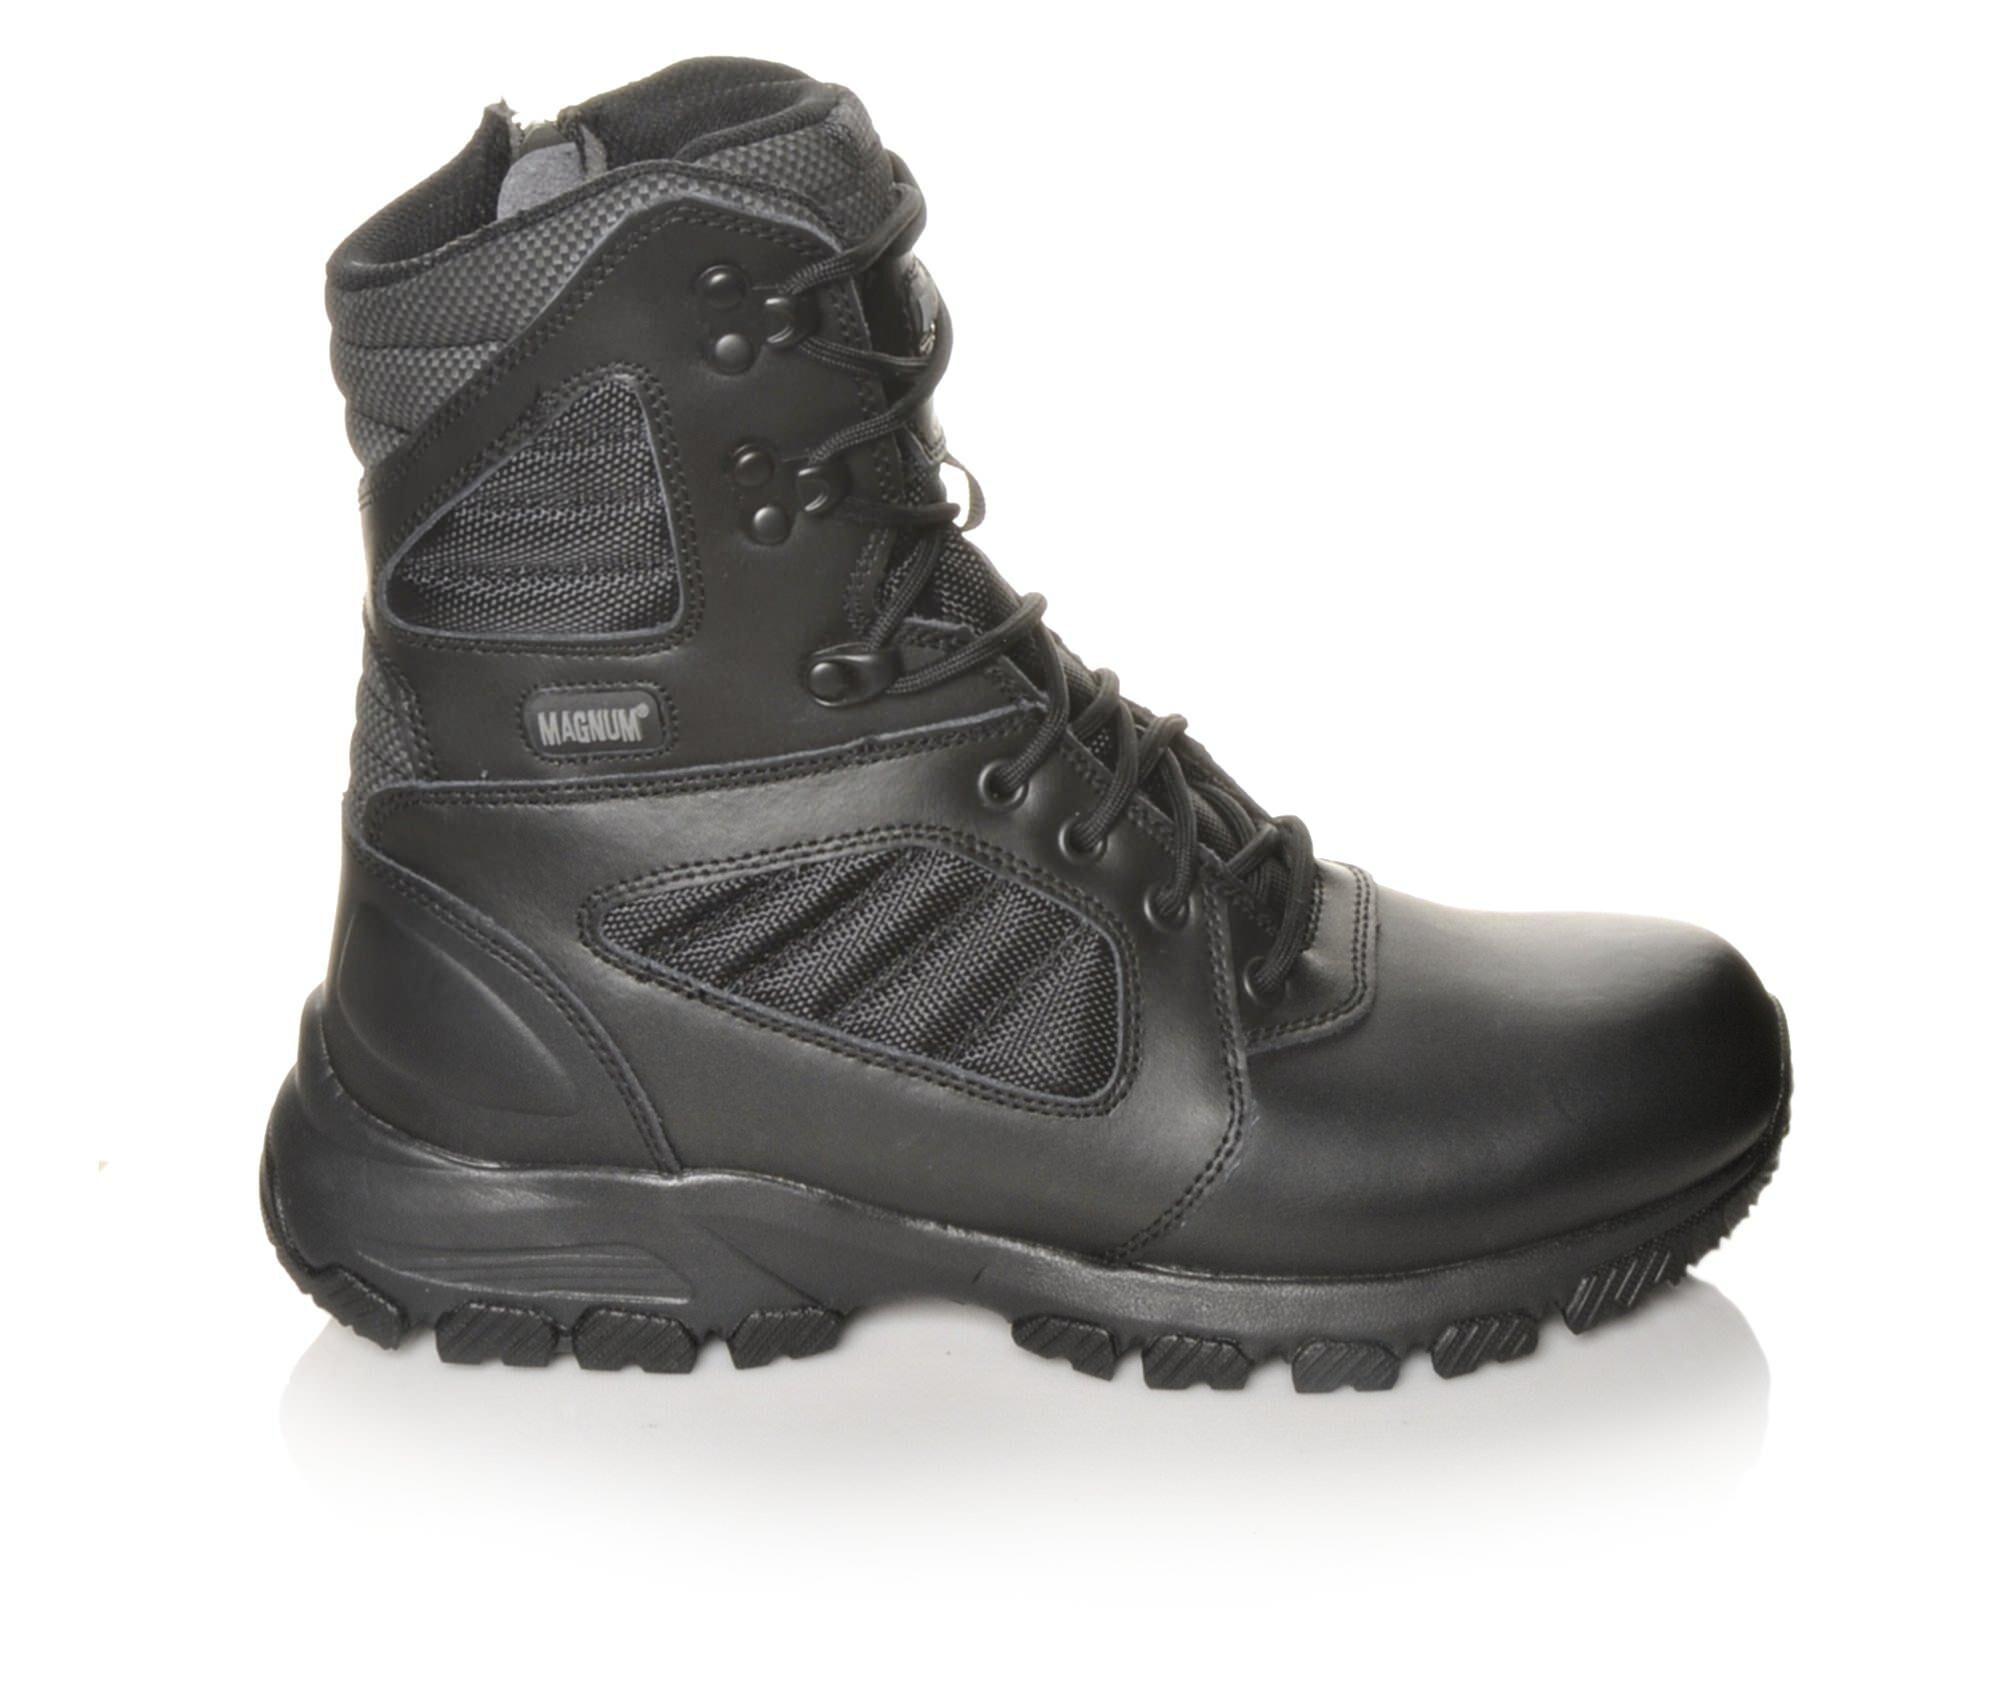 Men's Magnum Response III 8.0 SZ Work Boots Black